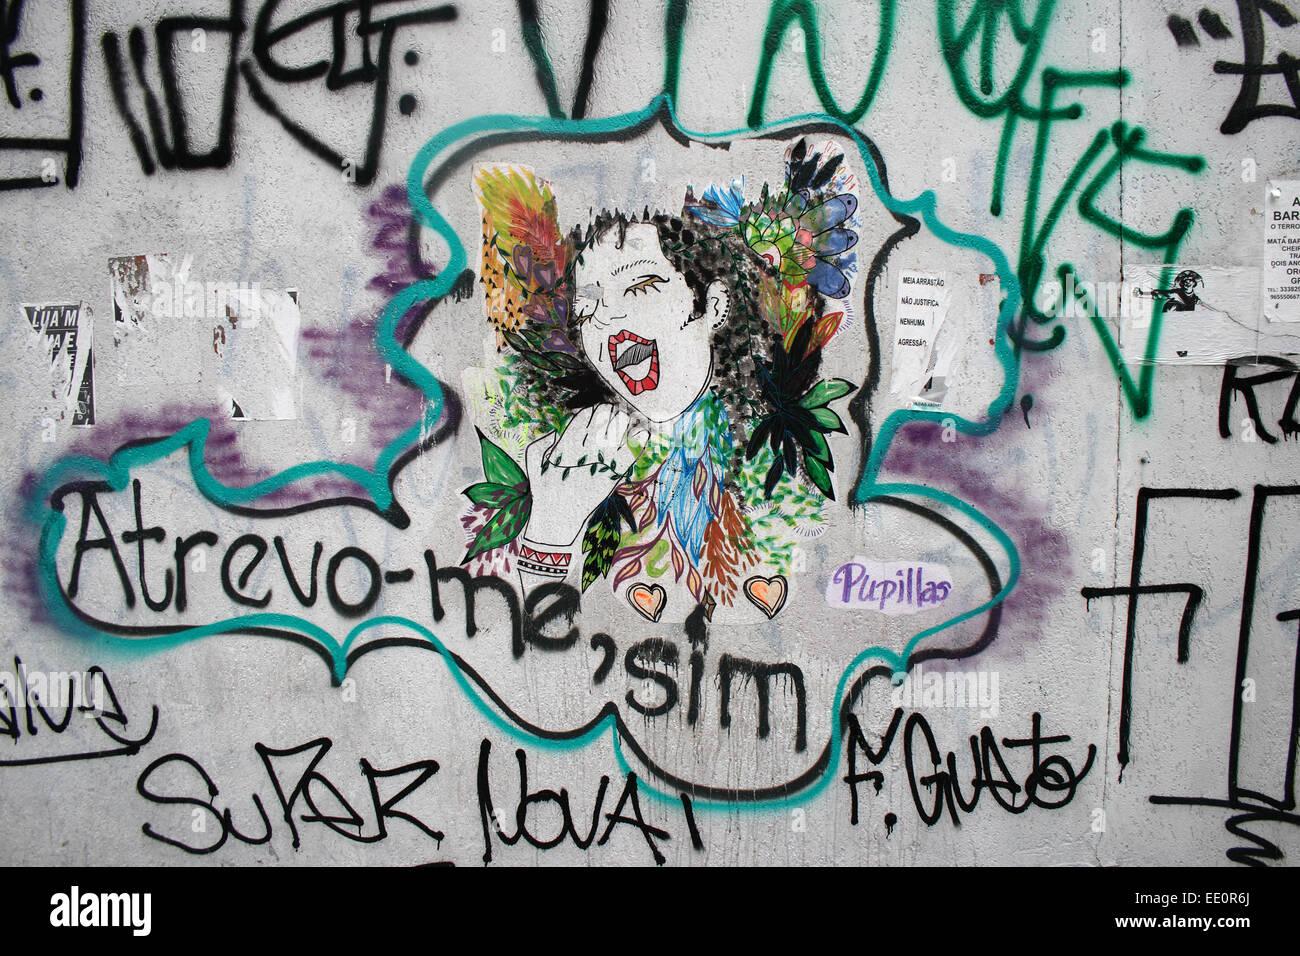 L'art de rue dans la ville brésilienne de Sao Paulo. Photo Stock